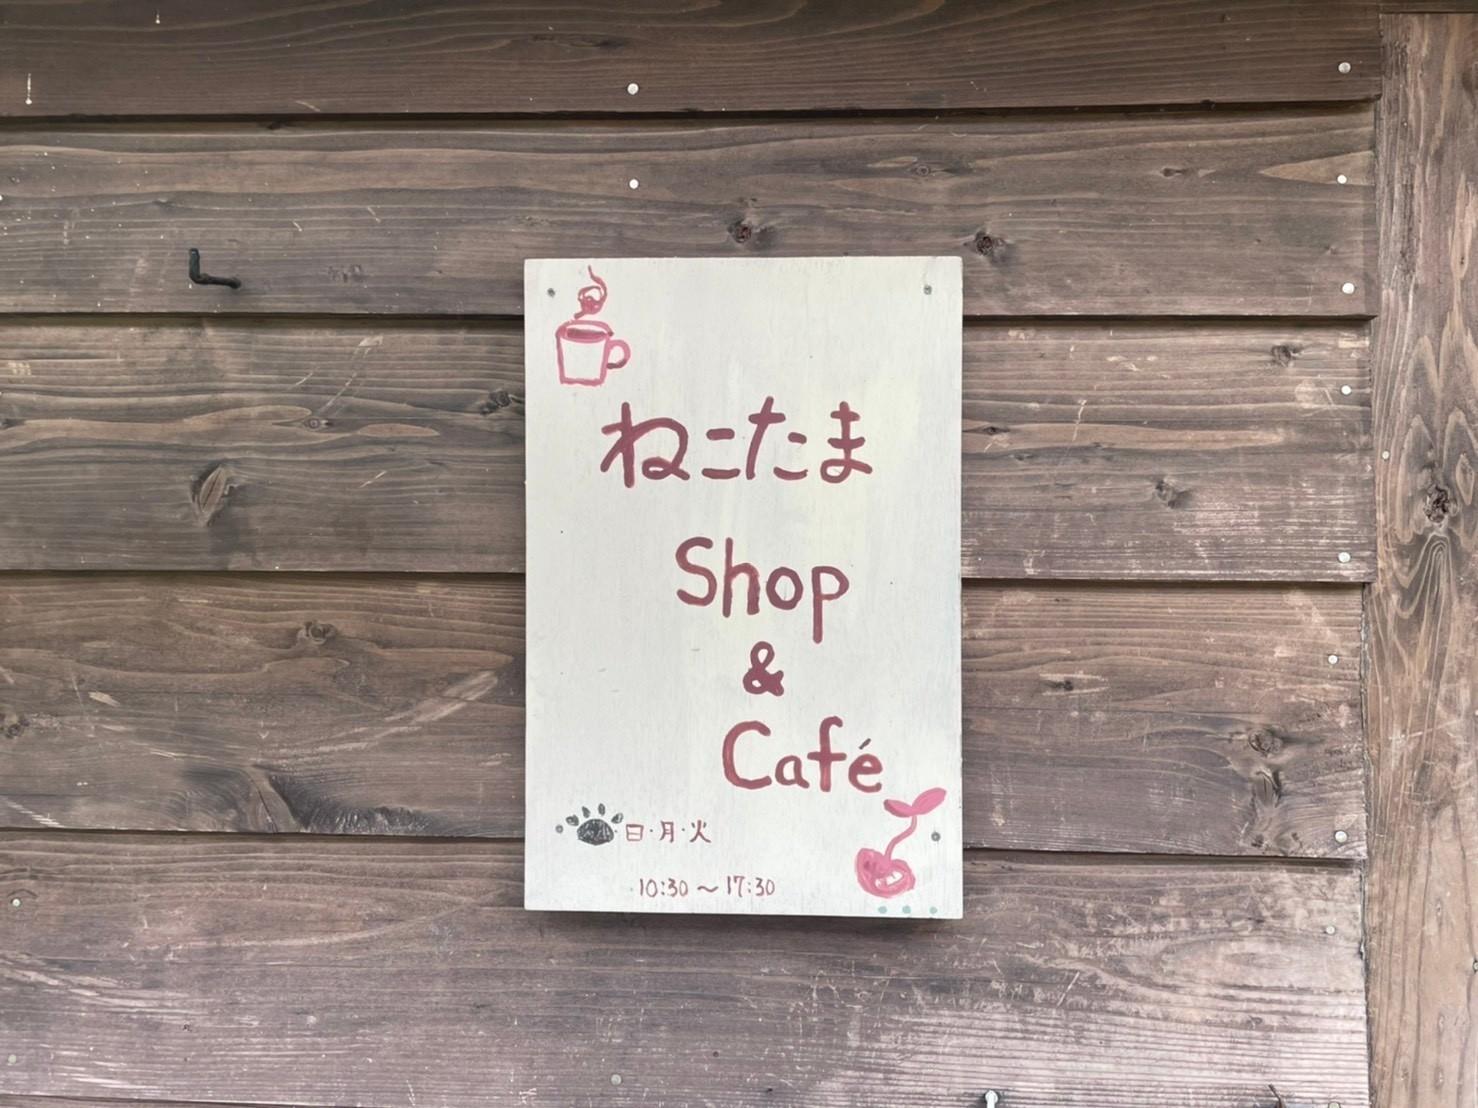 ねこたまShop&Cafe-0